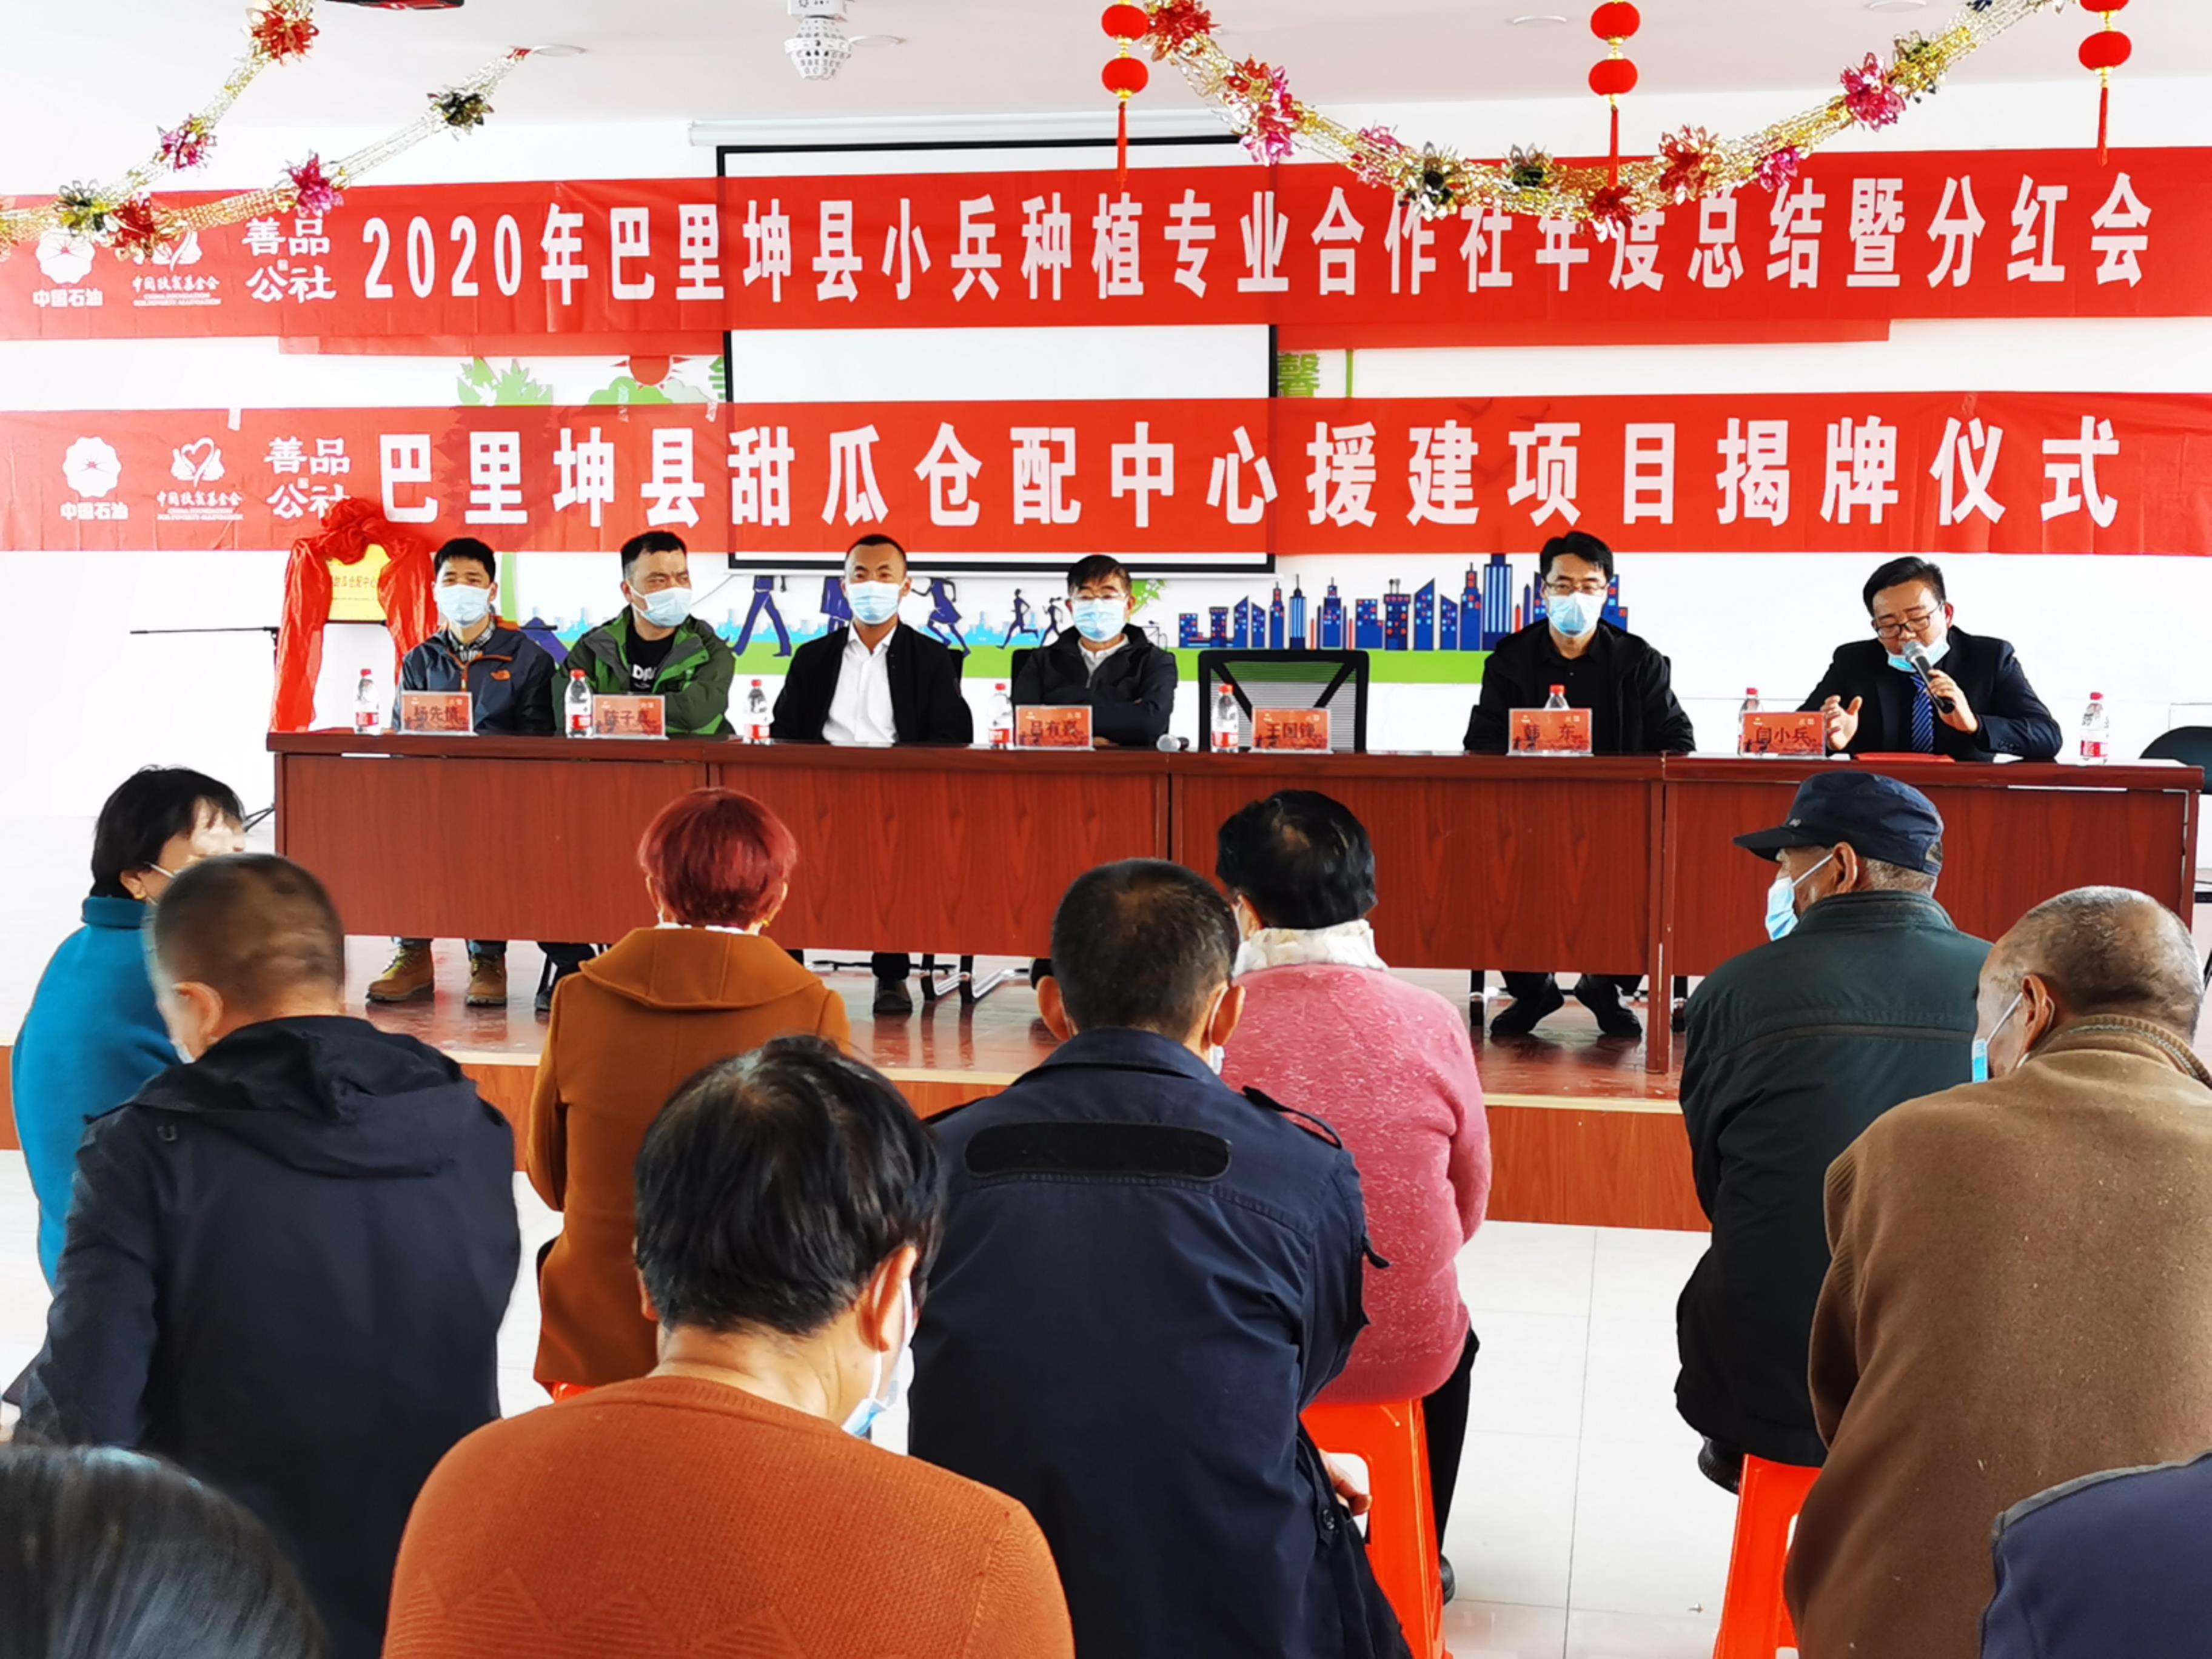 巴里坤县小兵种植专业合作社2020年度总结分红会暨巴里坤甜瓜仓配中心援建项目揭牌仪式顺利举行